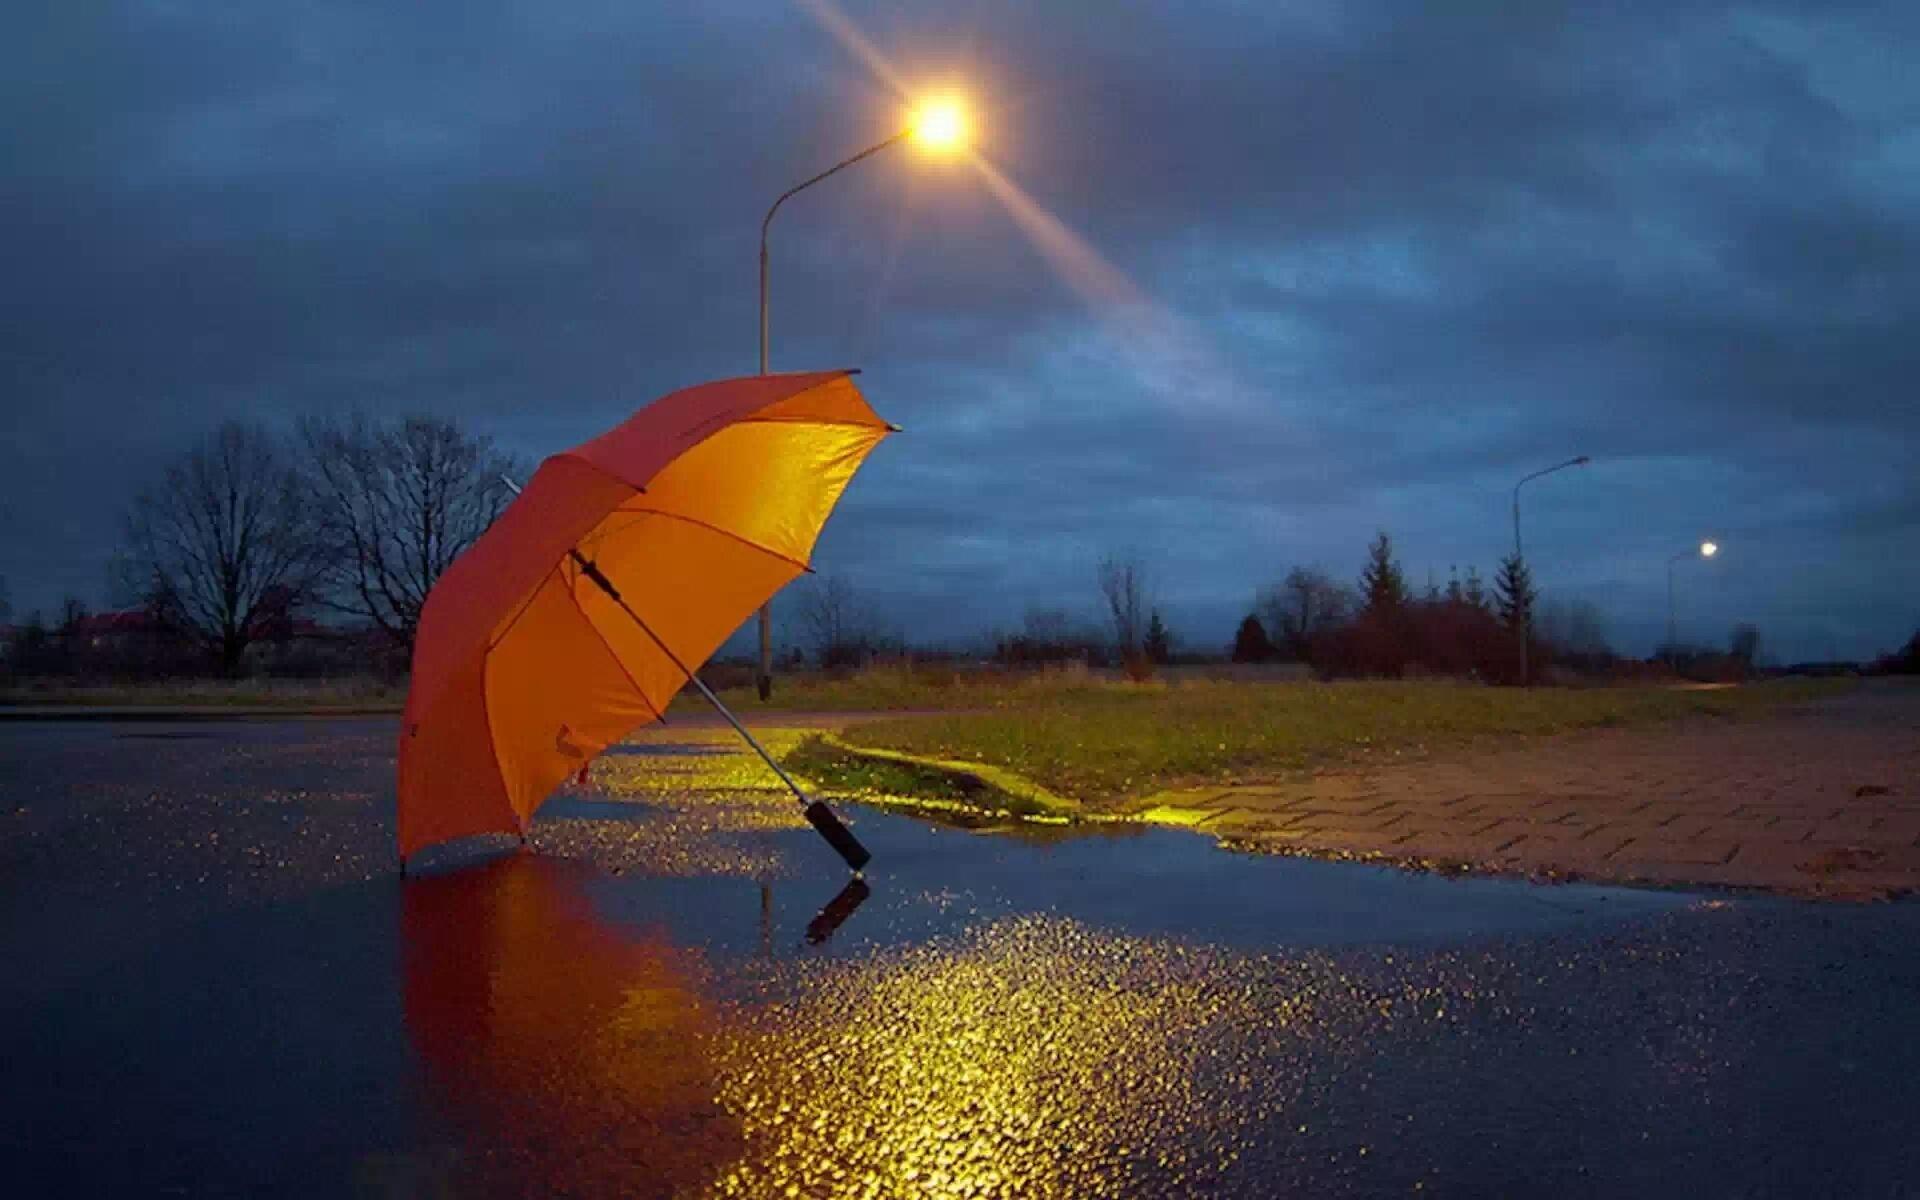 разрастании осень зонт солнце фото них